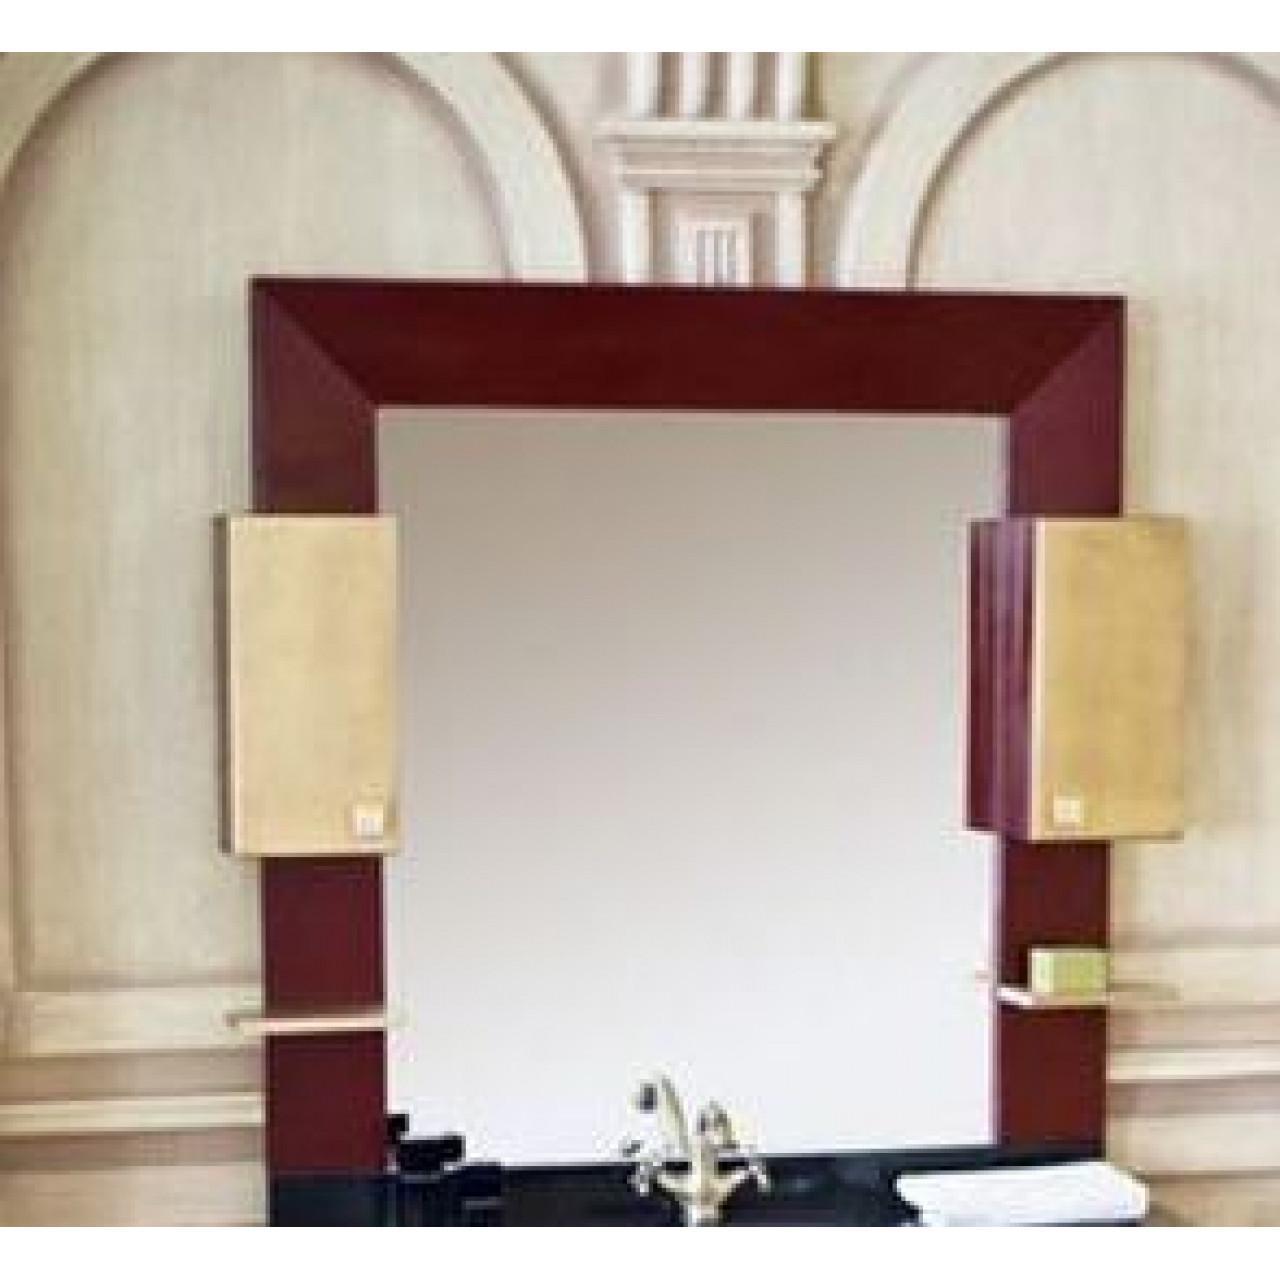 Зеркало-шкаф Аллигатор Квадро C 120 купить в Москве по цене от 22900р. в интернет-магазине mebel-v-vannu.ru